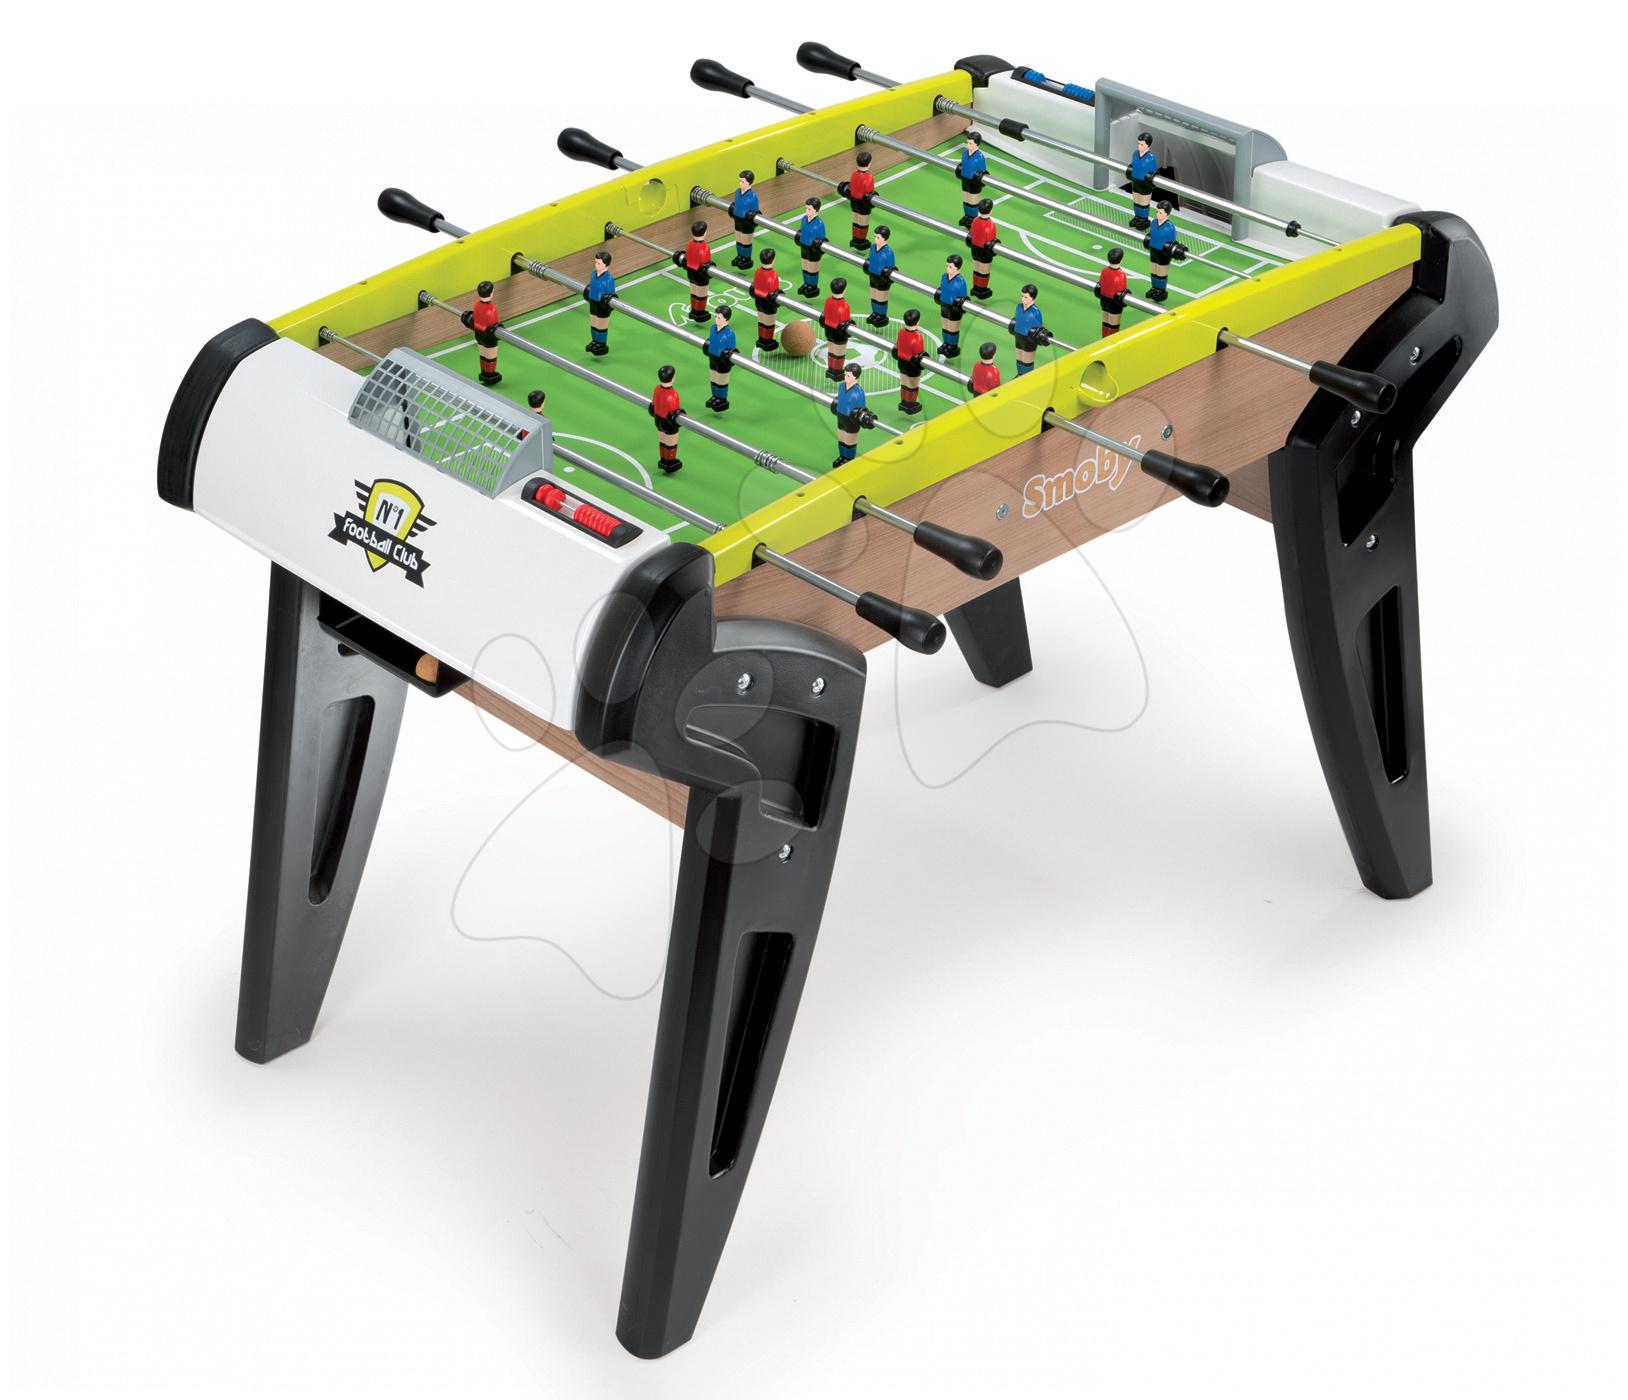 Stolný futbal - Drevený futbalový stôl Nr.1 Smoby s 2 loptičkami od 8 rokov